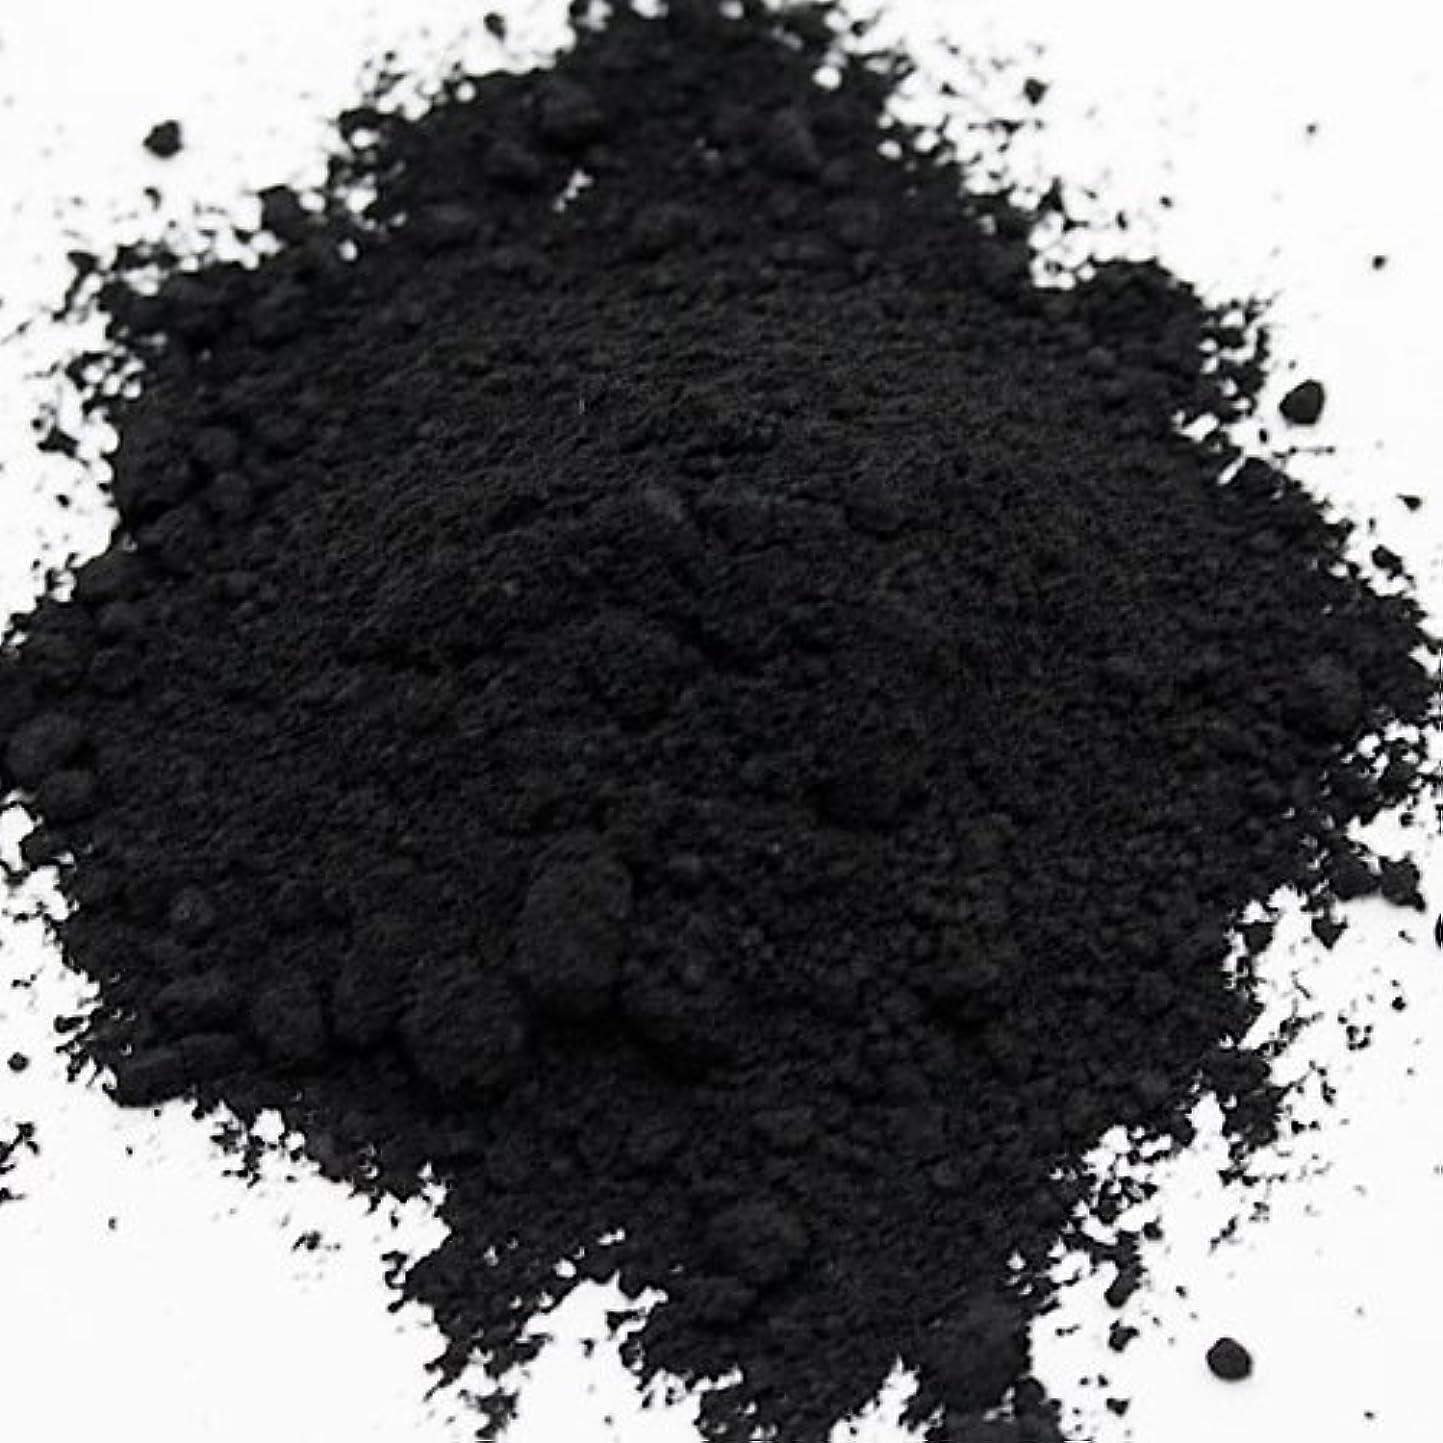 モーションデッキペリスコープ酸化鉄 ブラック 20g 【手作り石鹸/手作りコスメ/色付け/カラーラント/黒】